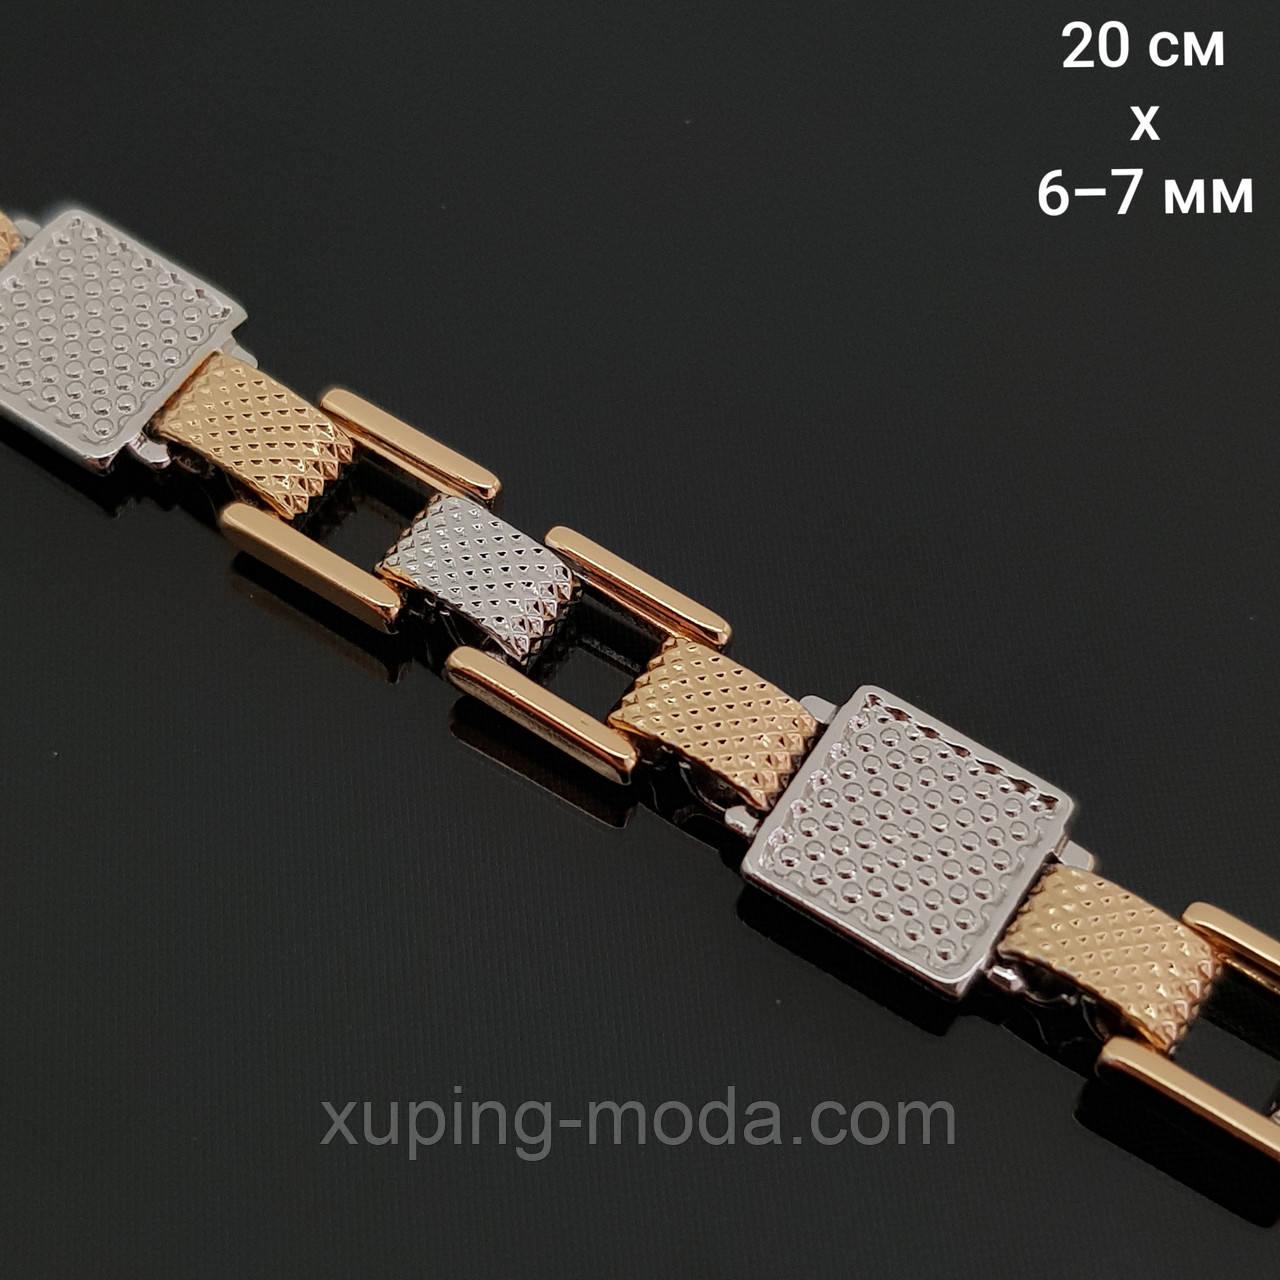 Оригинальный браслетик xuping